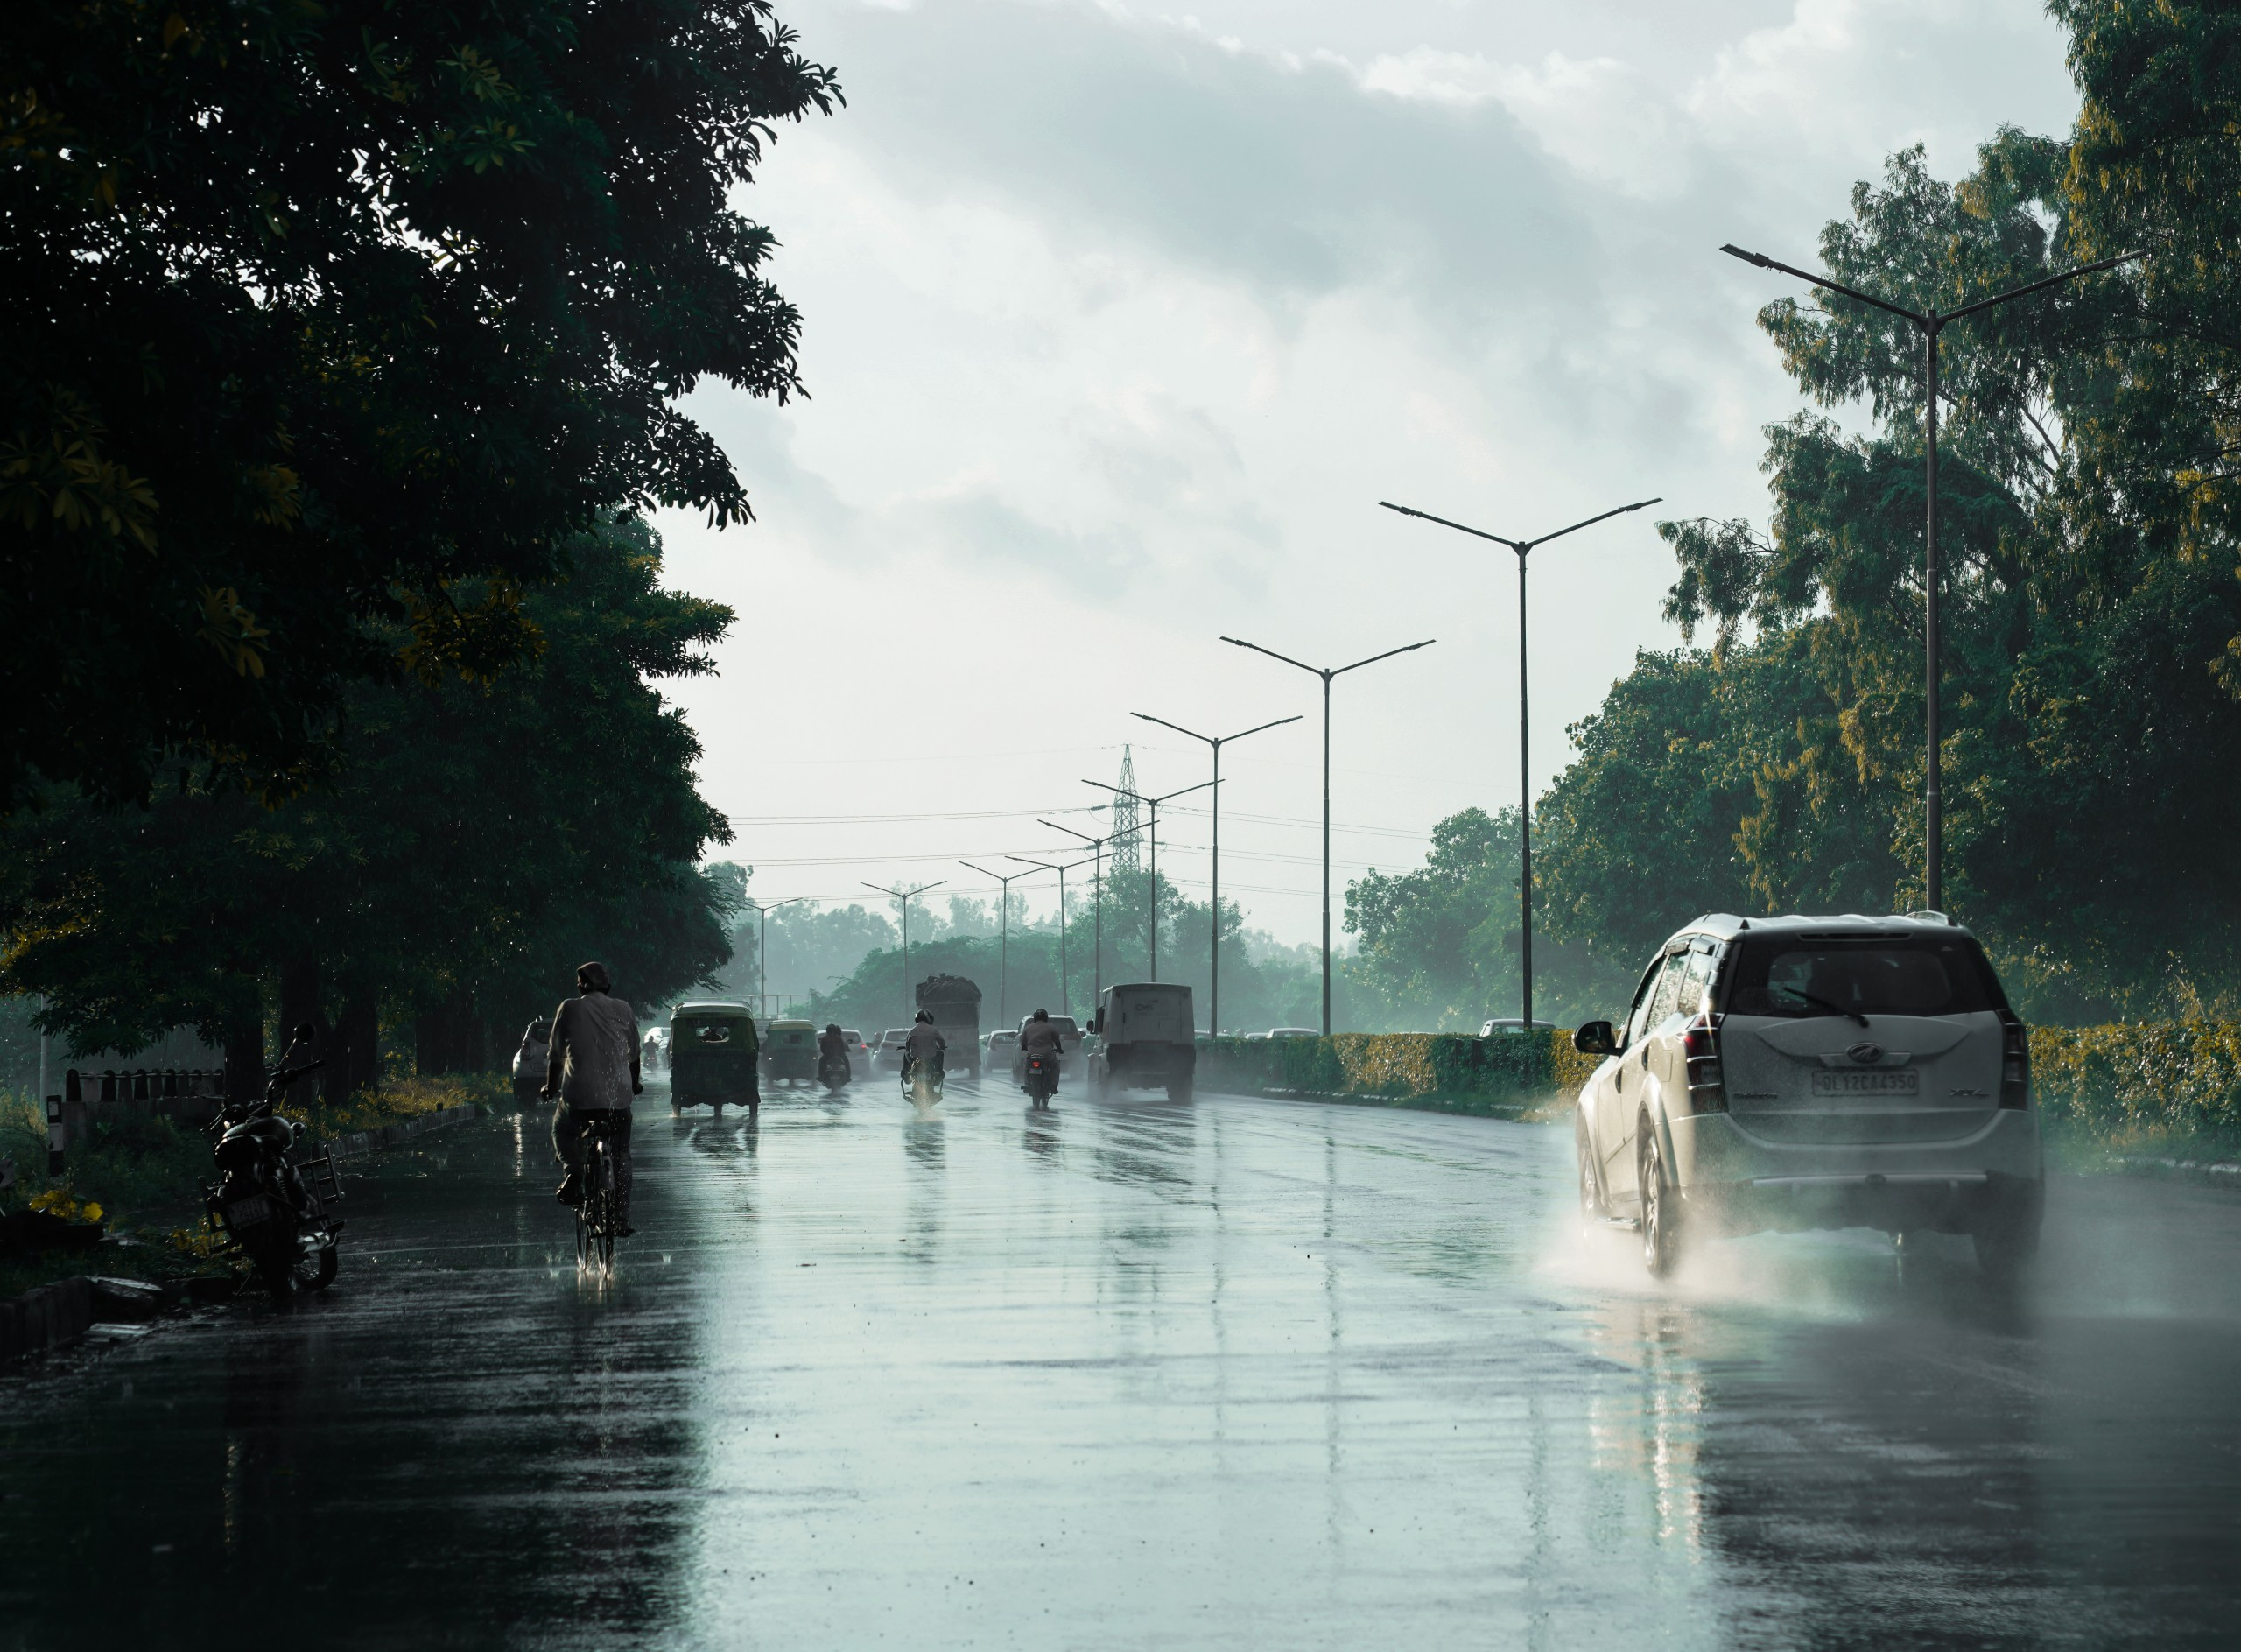 Heavy rain at Chandigarh, Rain view at Chandigarh